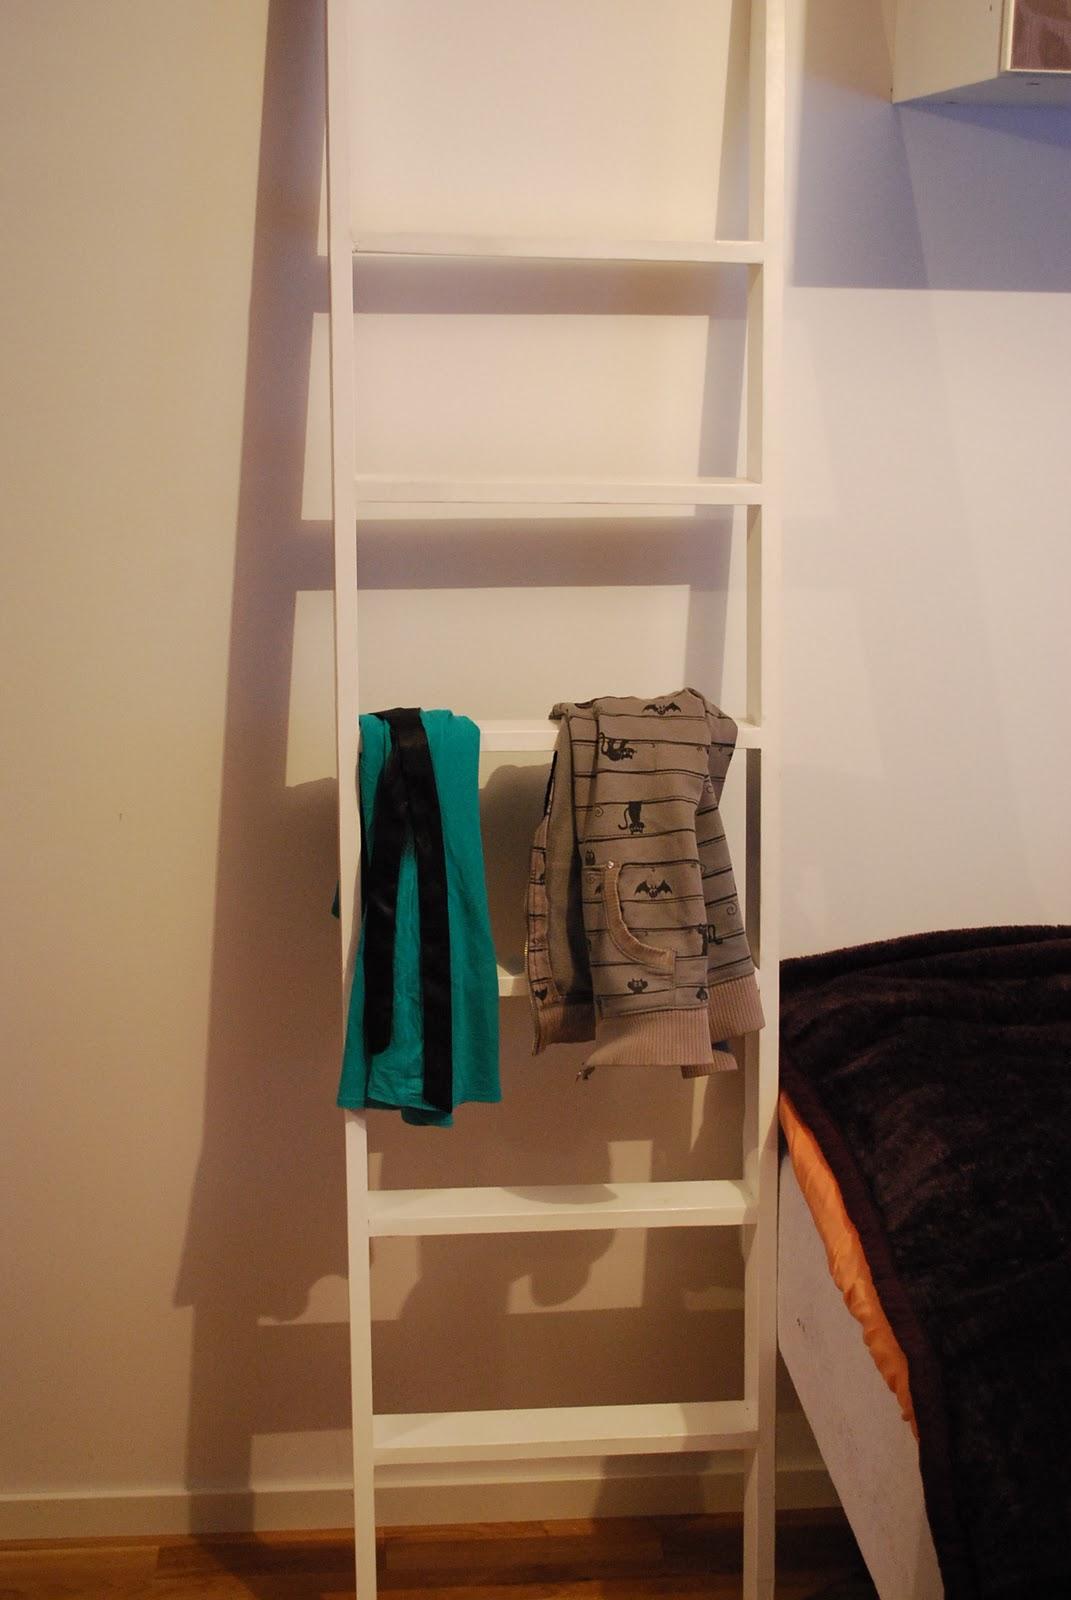 Stege klädhängare sovrum u2013 Rusta vikvägg